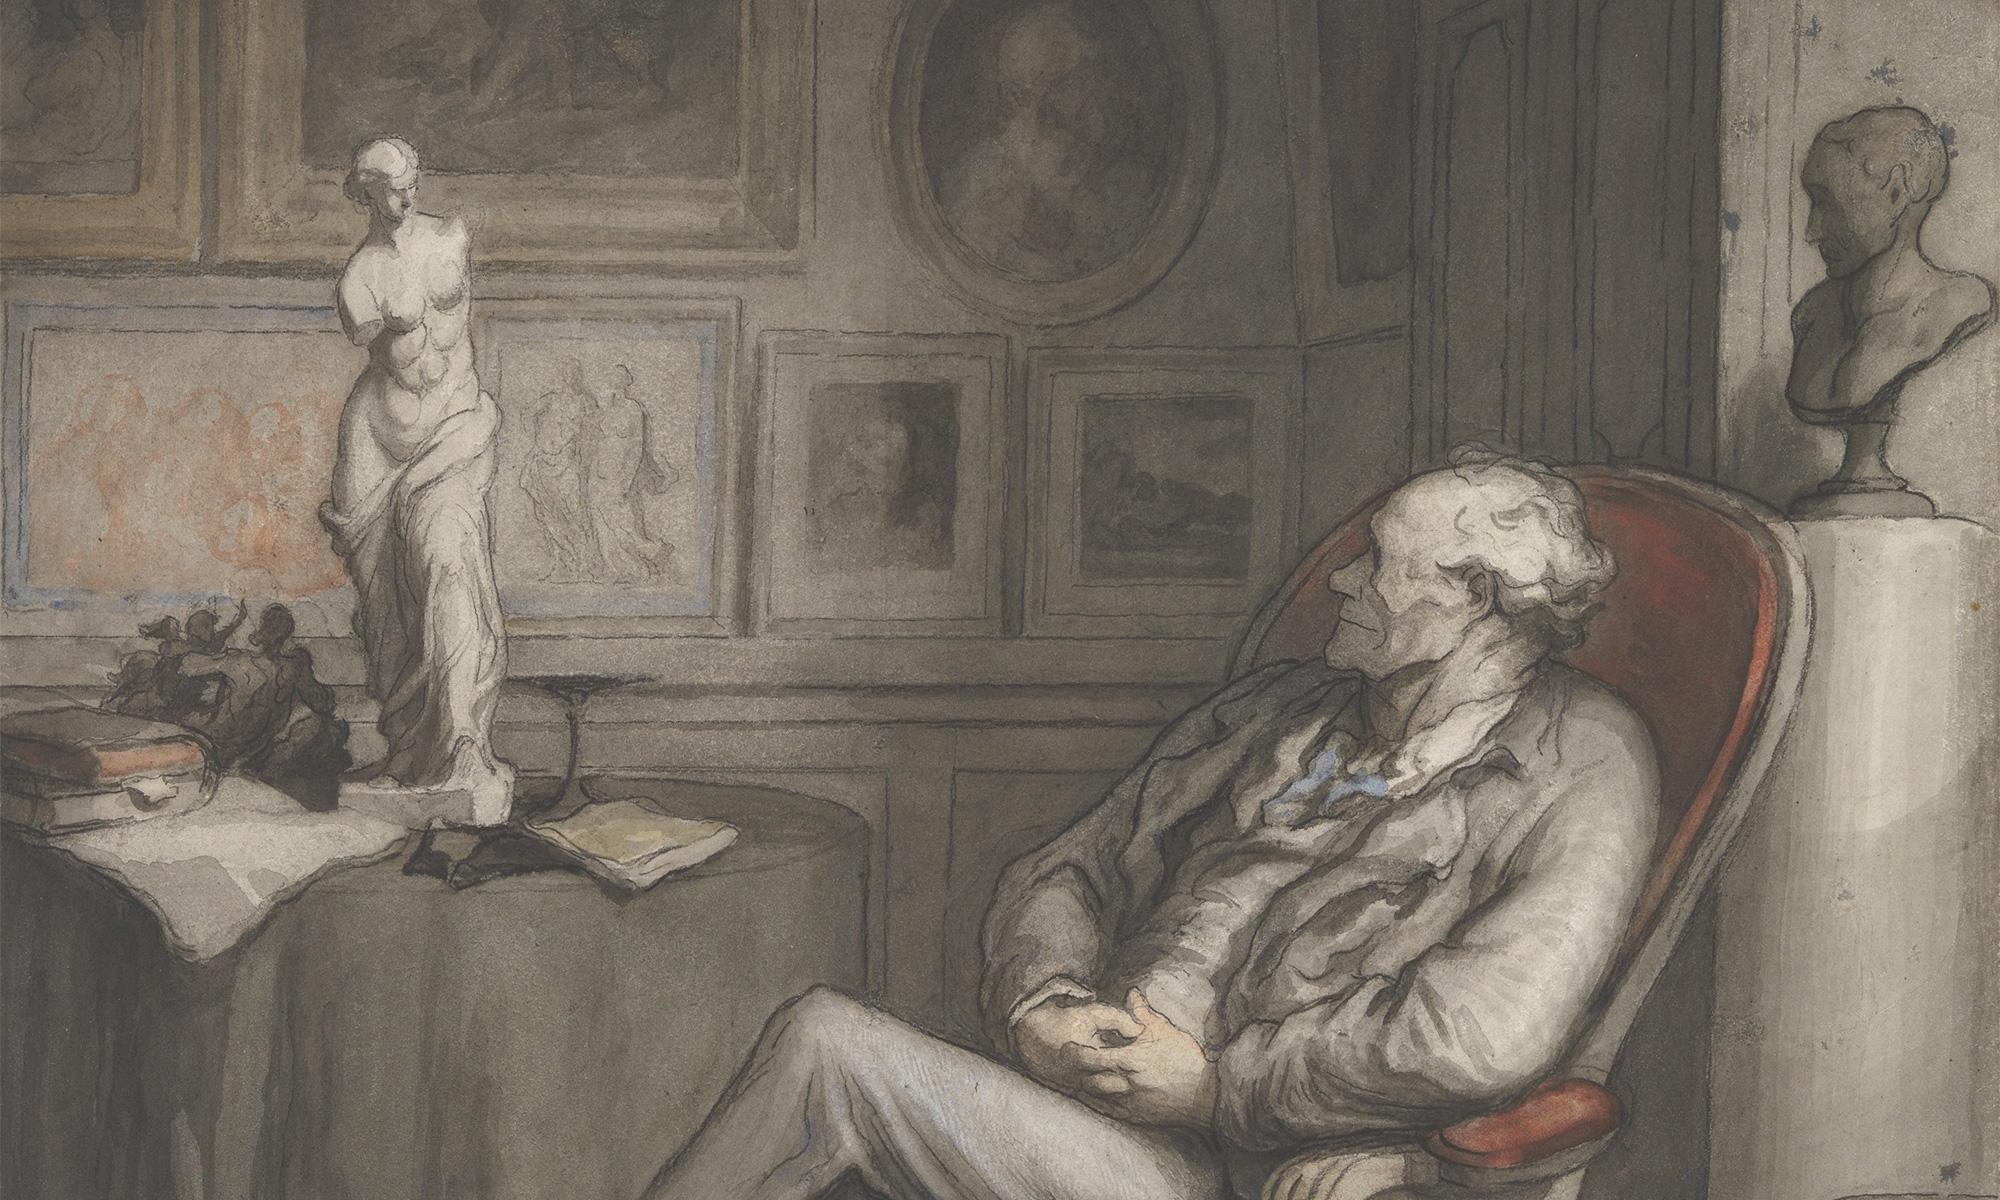 Honoré Daumier - The Connoisseur (ca. 1860–65 - MET collection)